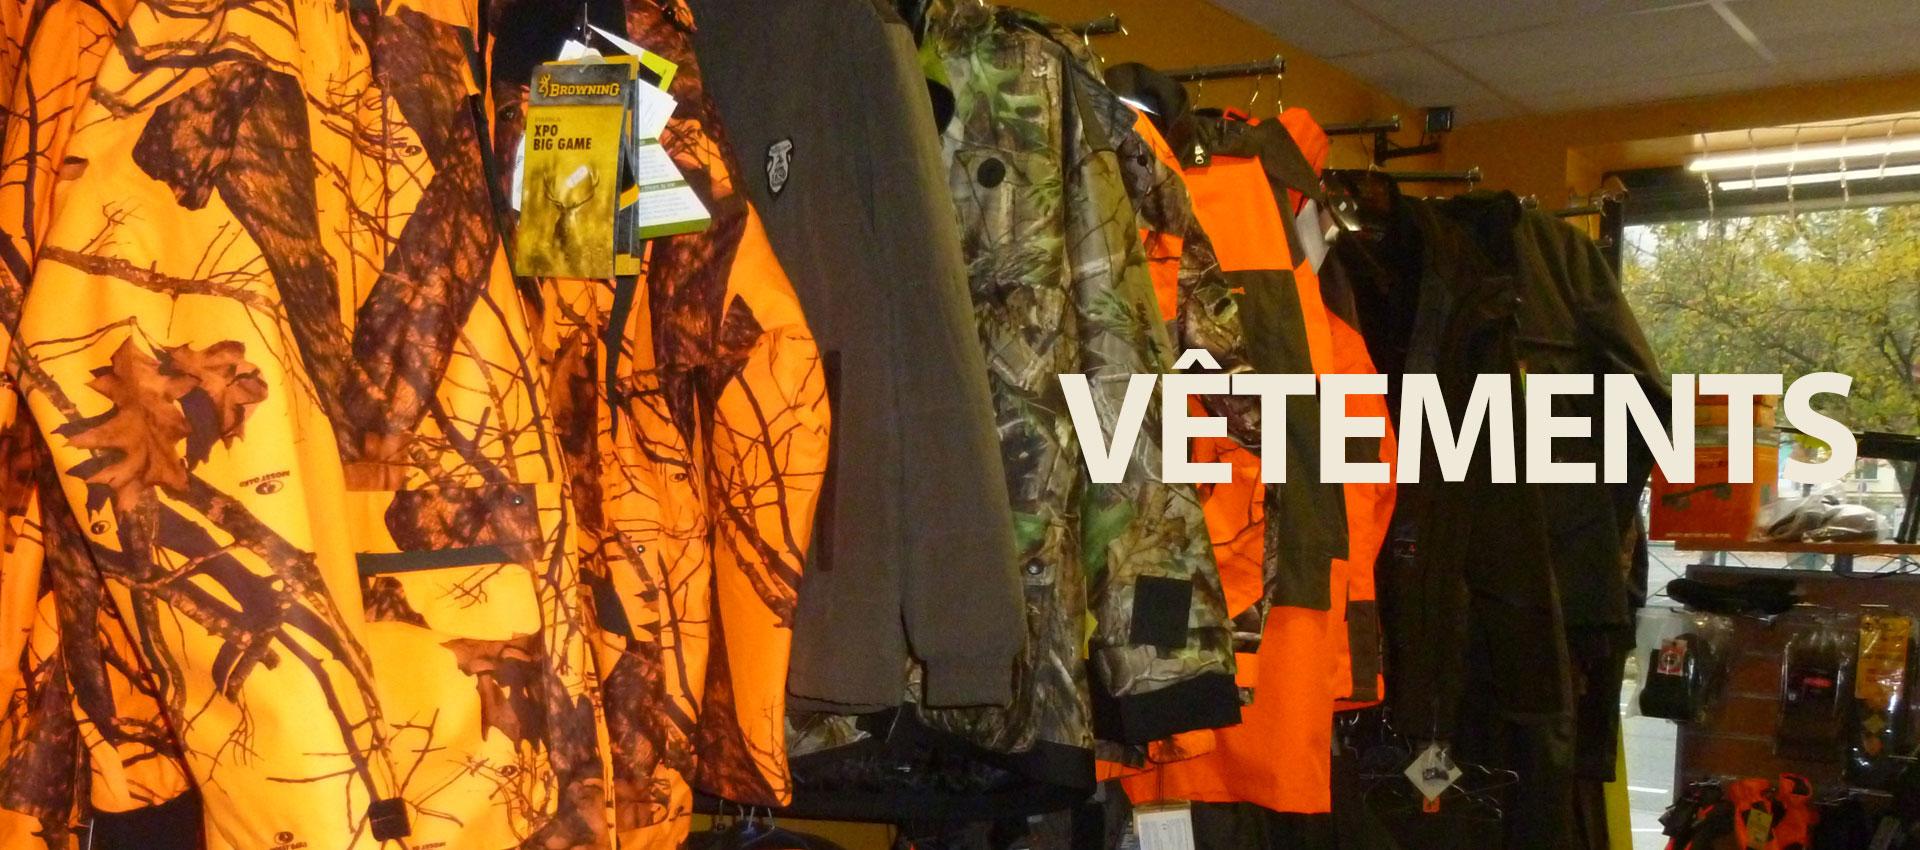 TIR 2000 vêtements de chasse et pêche Montbéliard